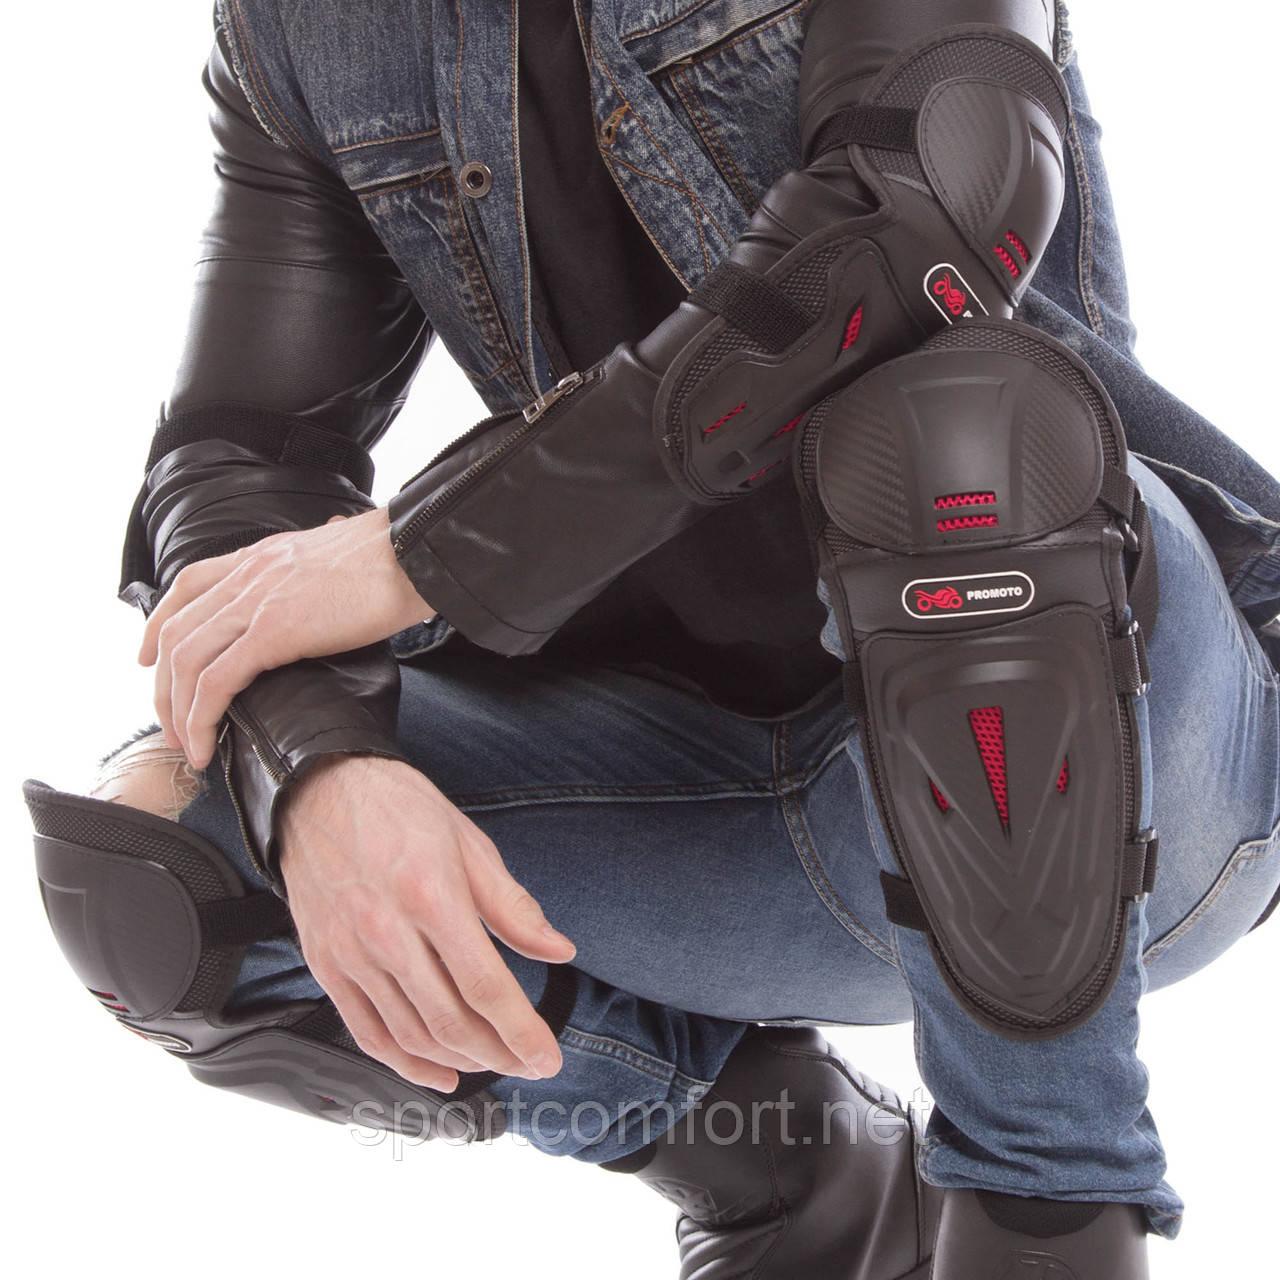 Комплект мотозащиты 4шт (голень, предплечье, колено, локоть) pro moto